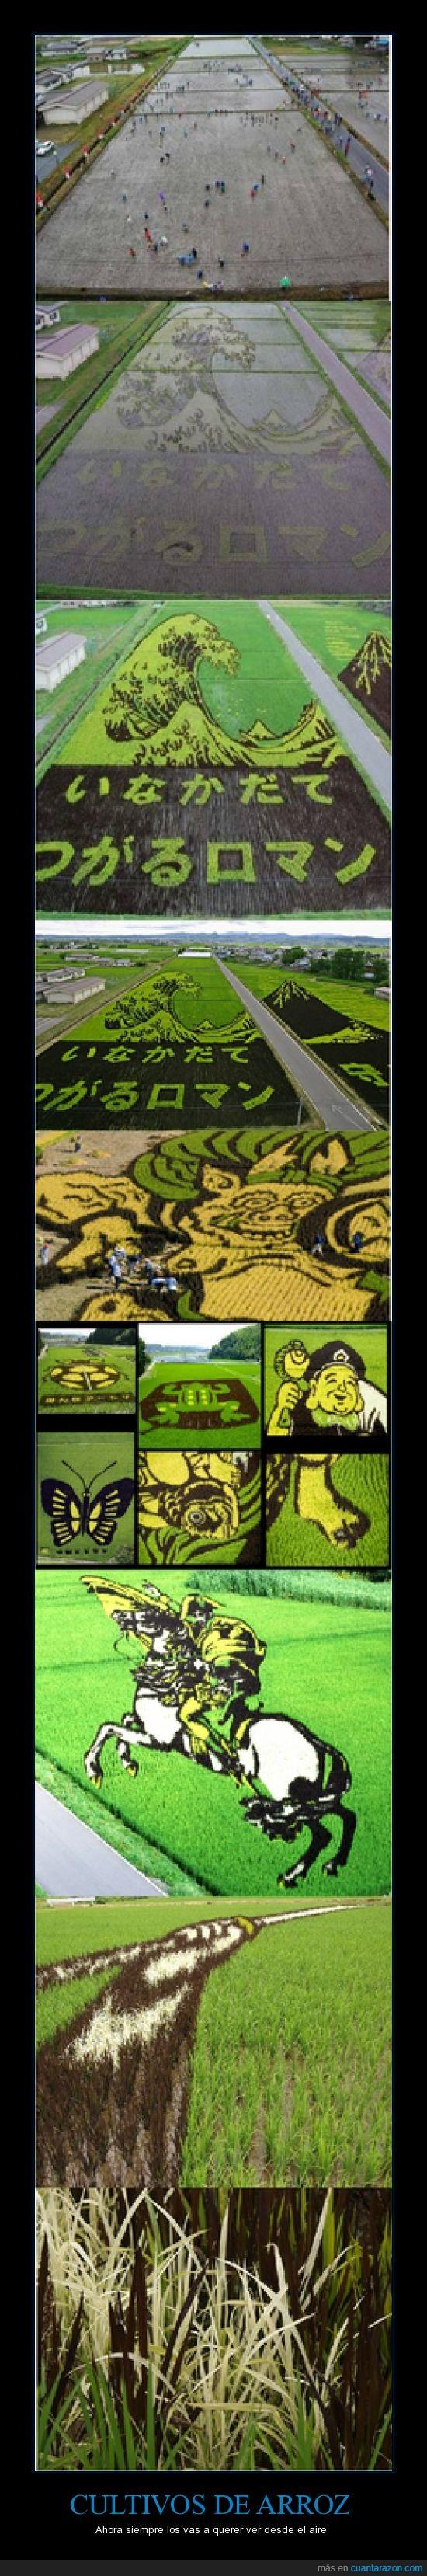 arroz,Arte,china,cultivo,dibujos